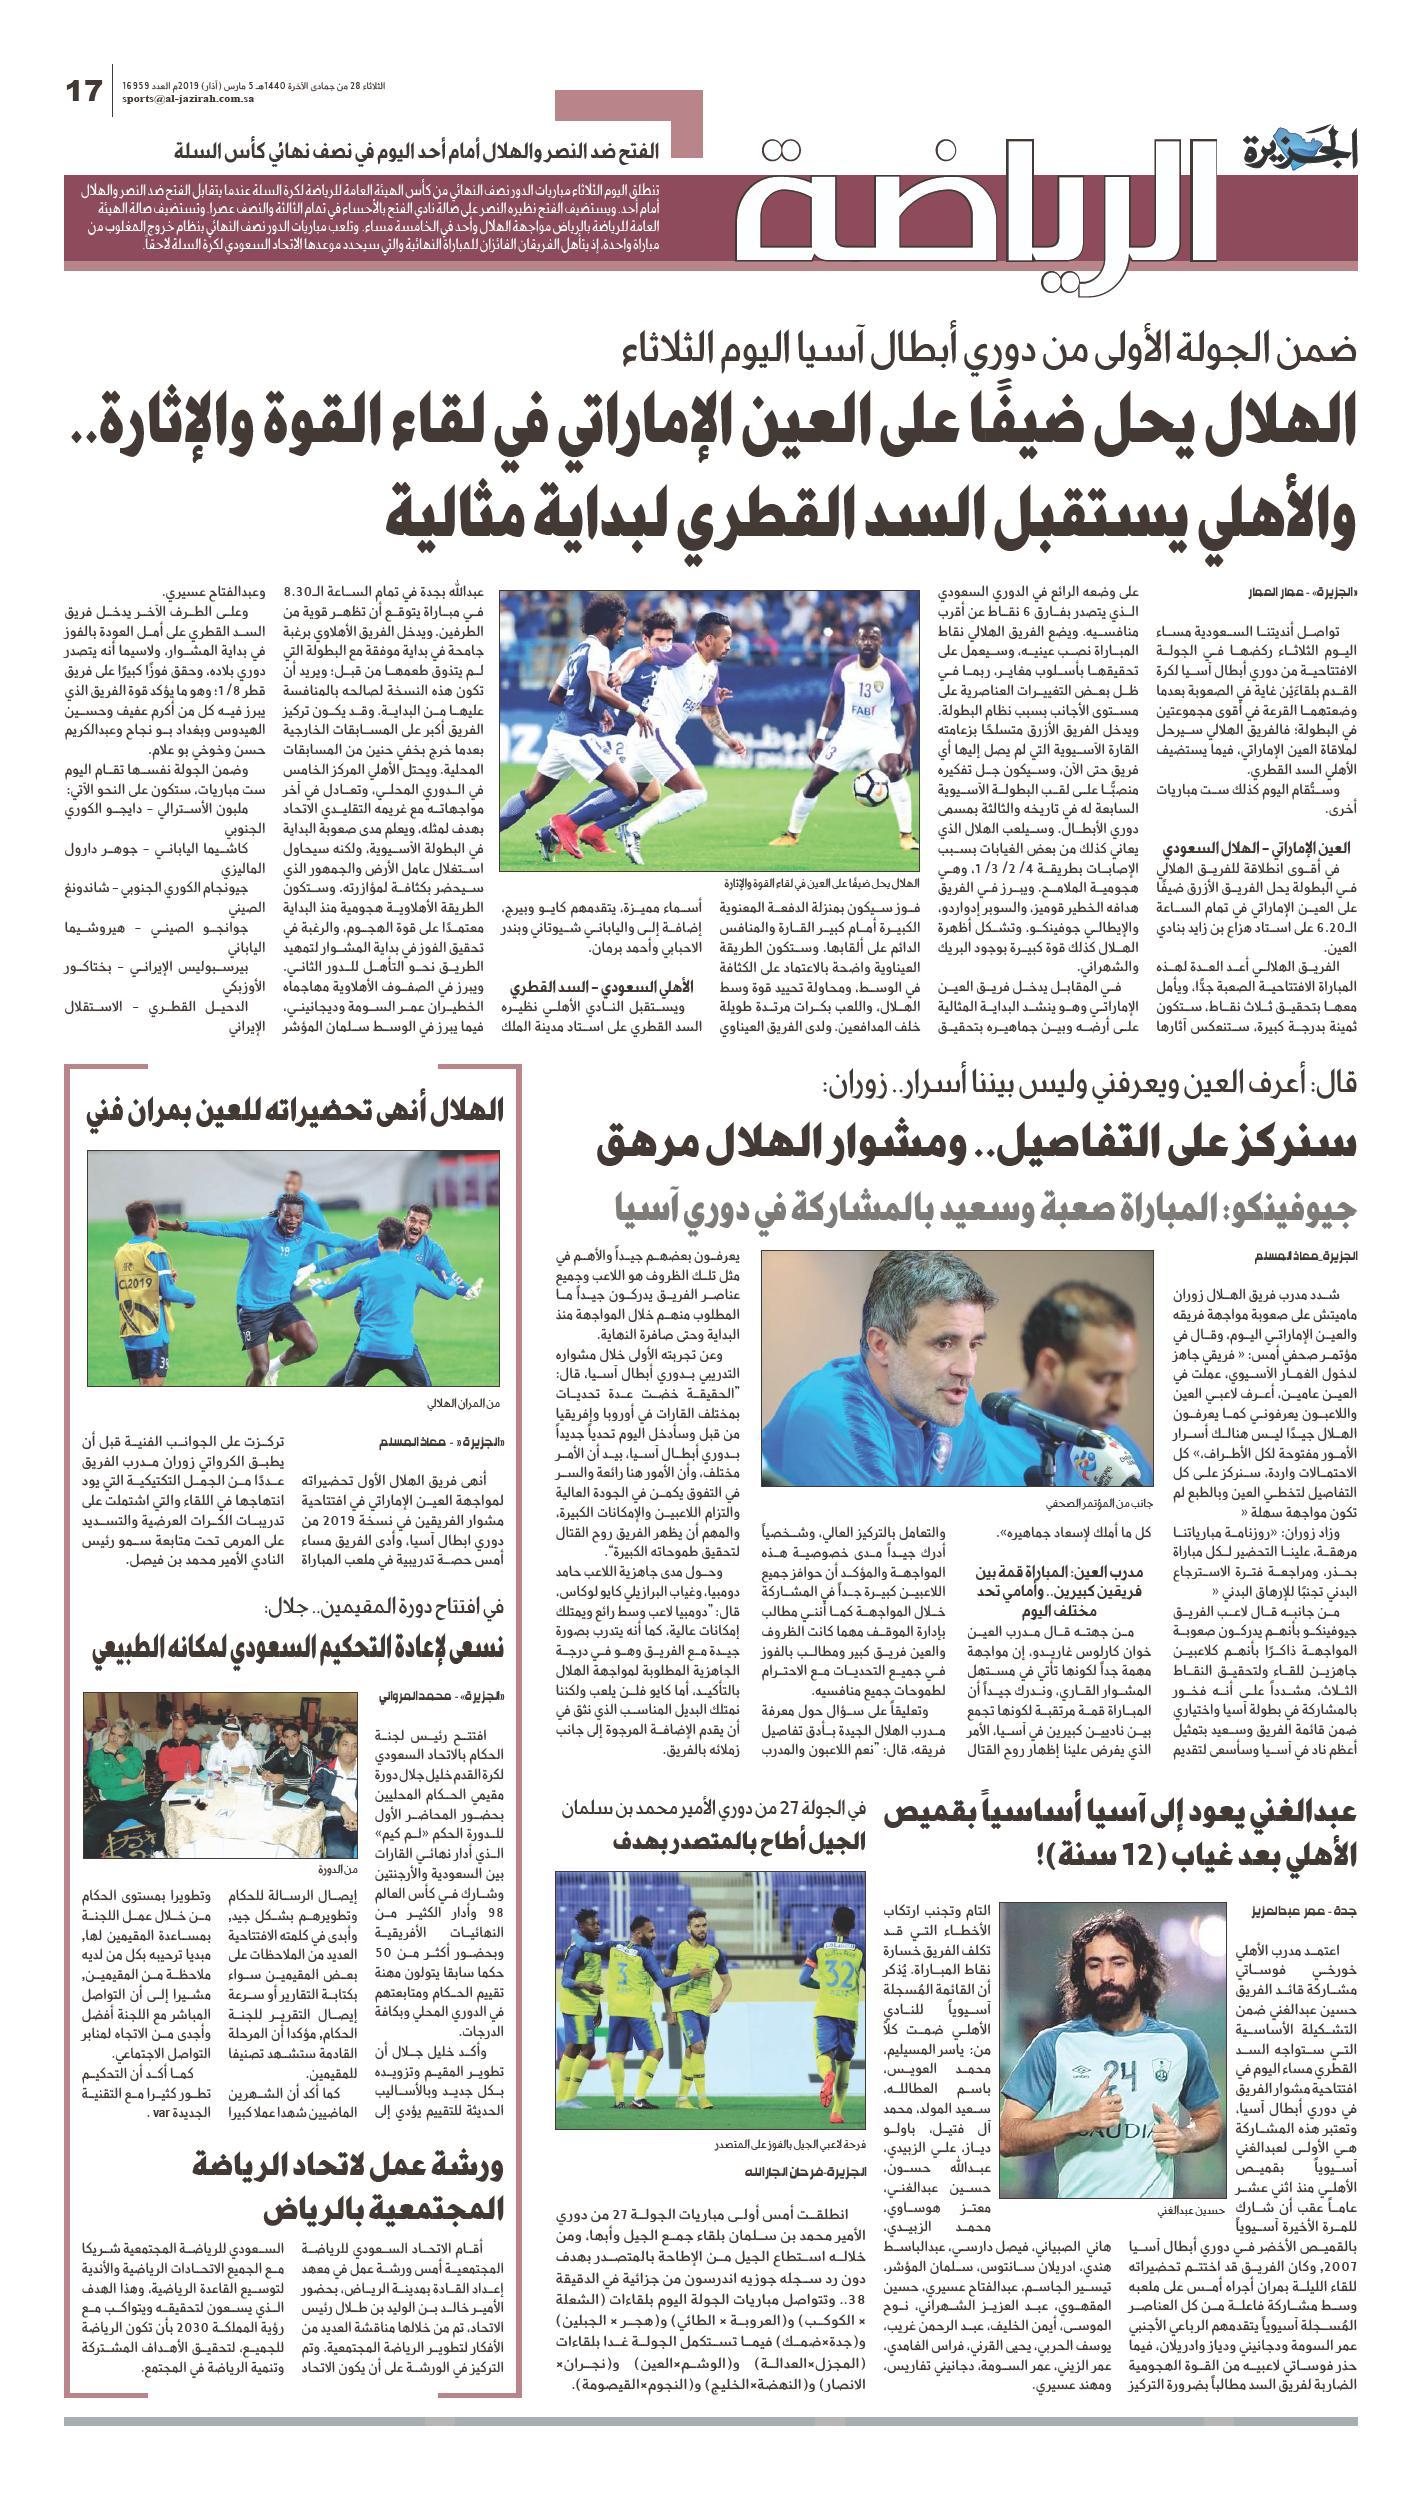 أخبار الاتحاد في الصحف لهذا اليوم الثلاثاء الموافق -28-جمادي الآخرة -1440هـ